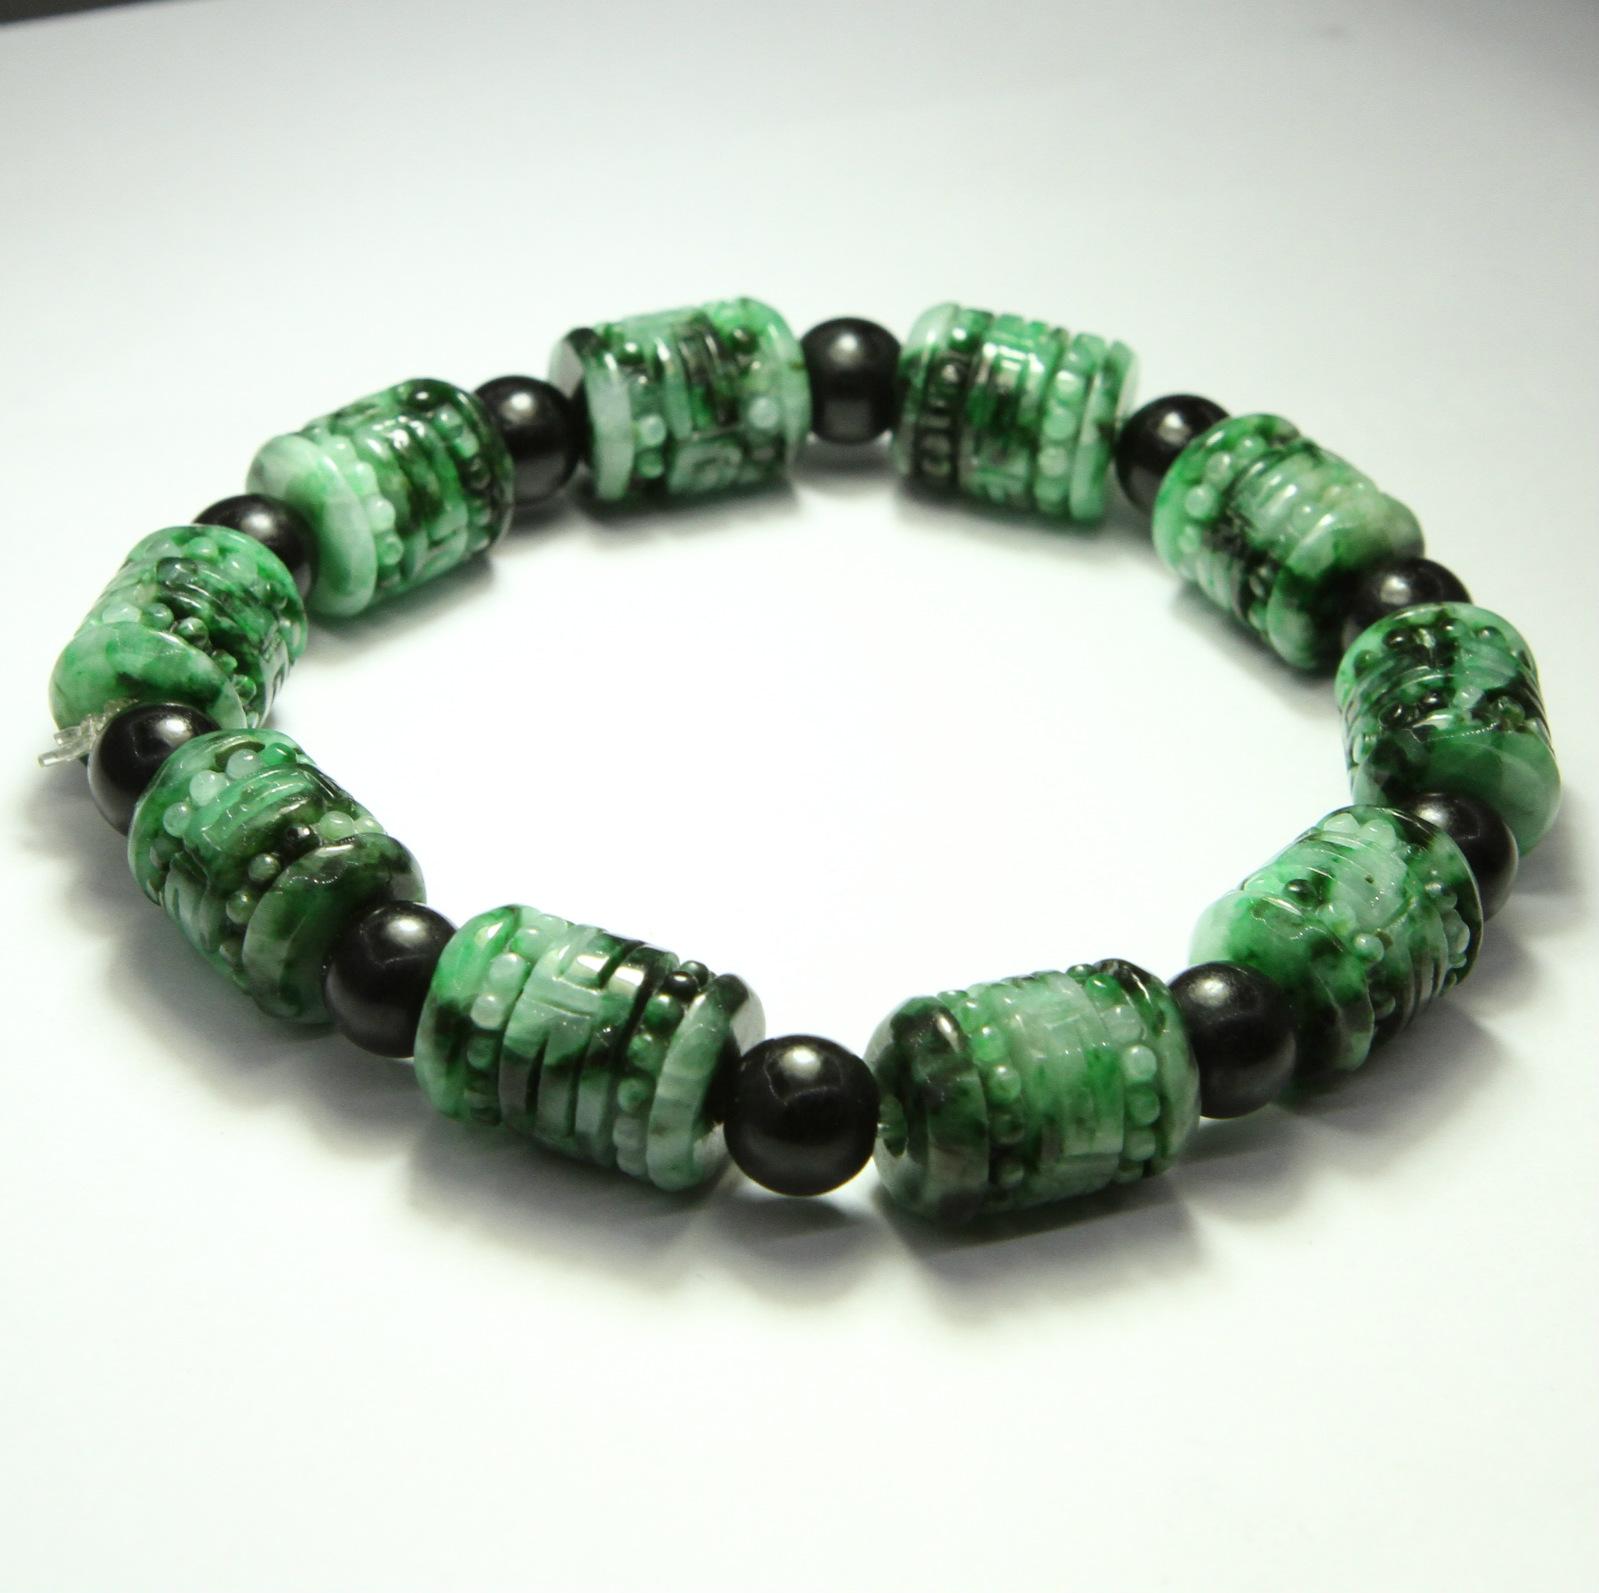 Jade Bracelet Beads: Fine Carved Burmese Imperial Green Jade Jadeite Beads